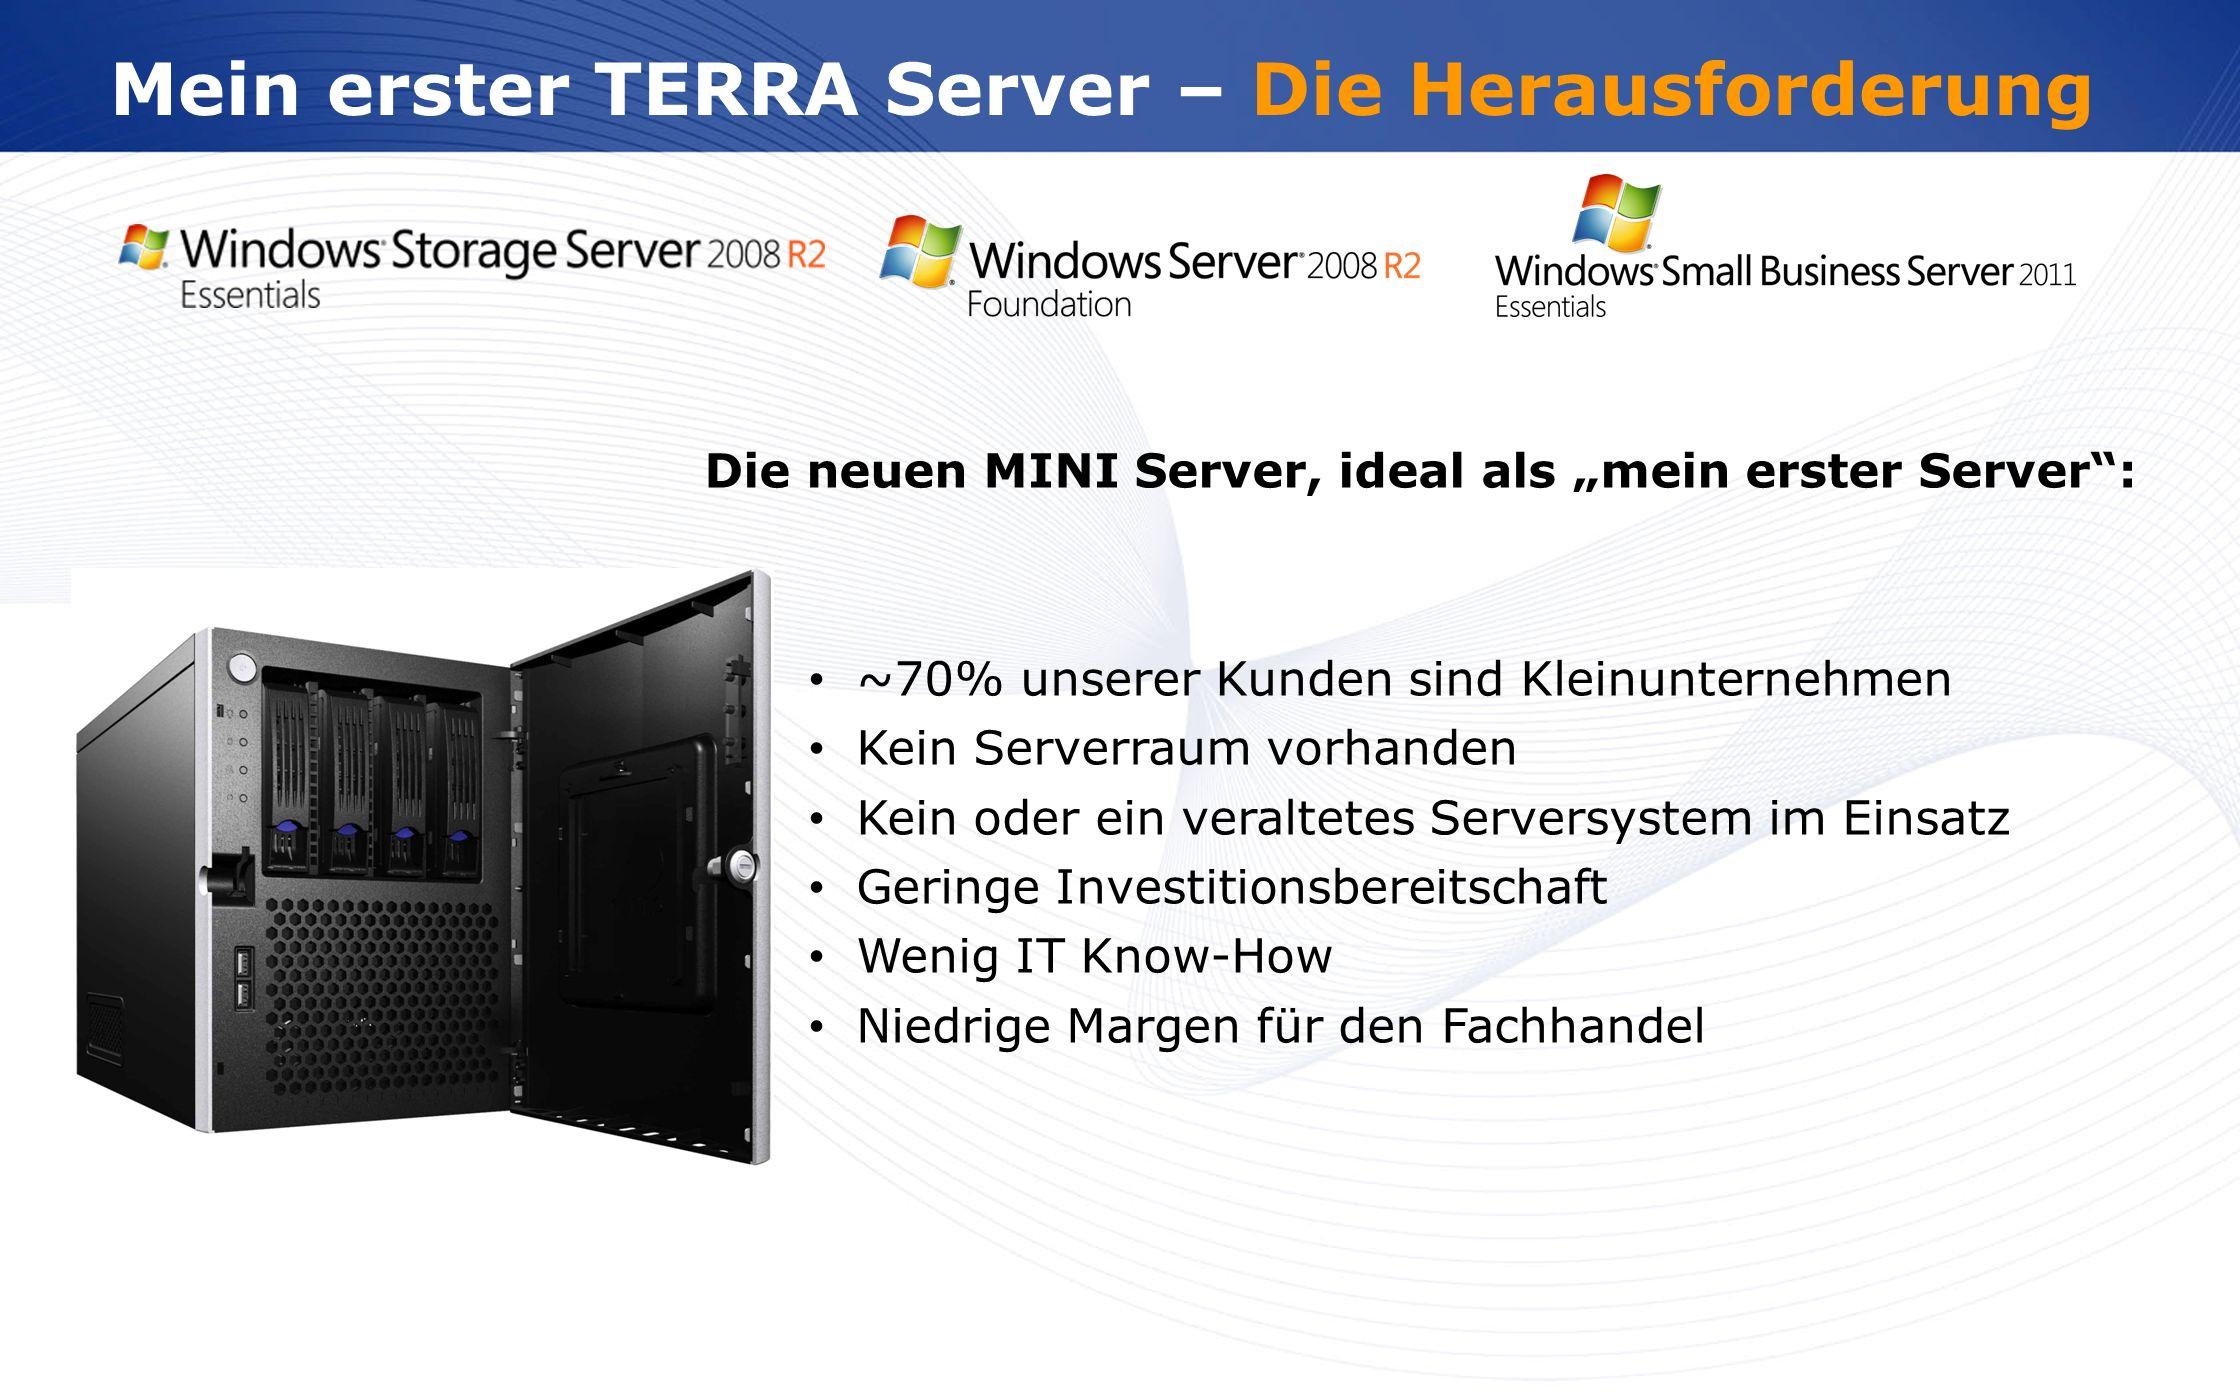 Mein erster TERRA Server – Die Herausforderung